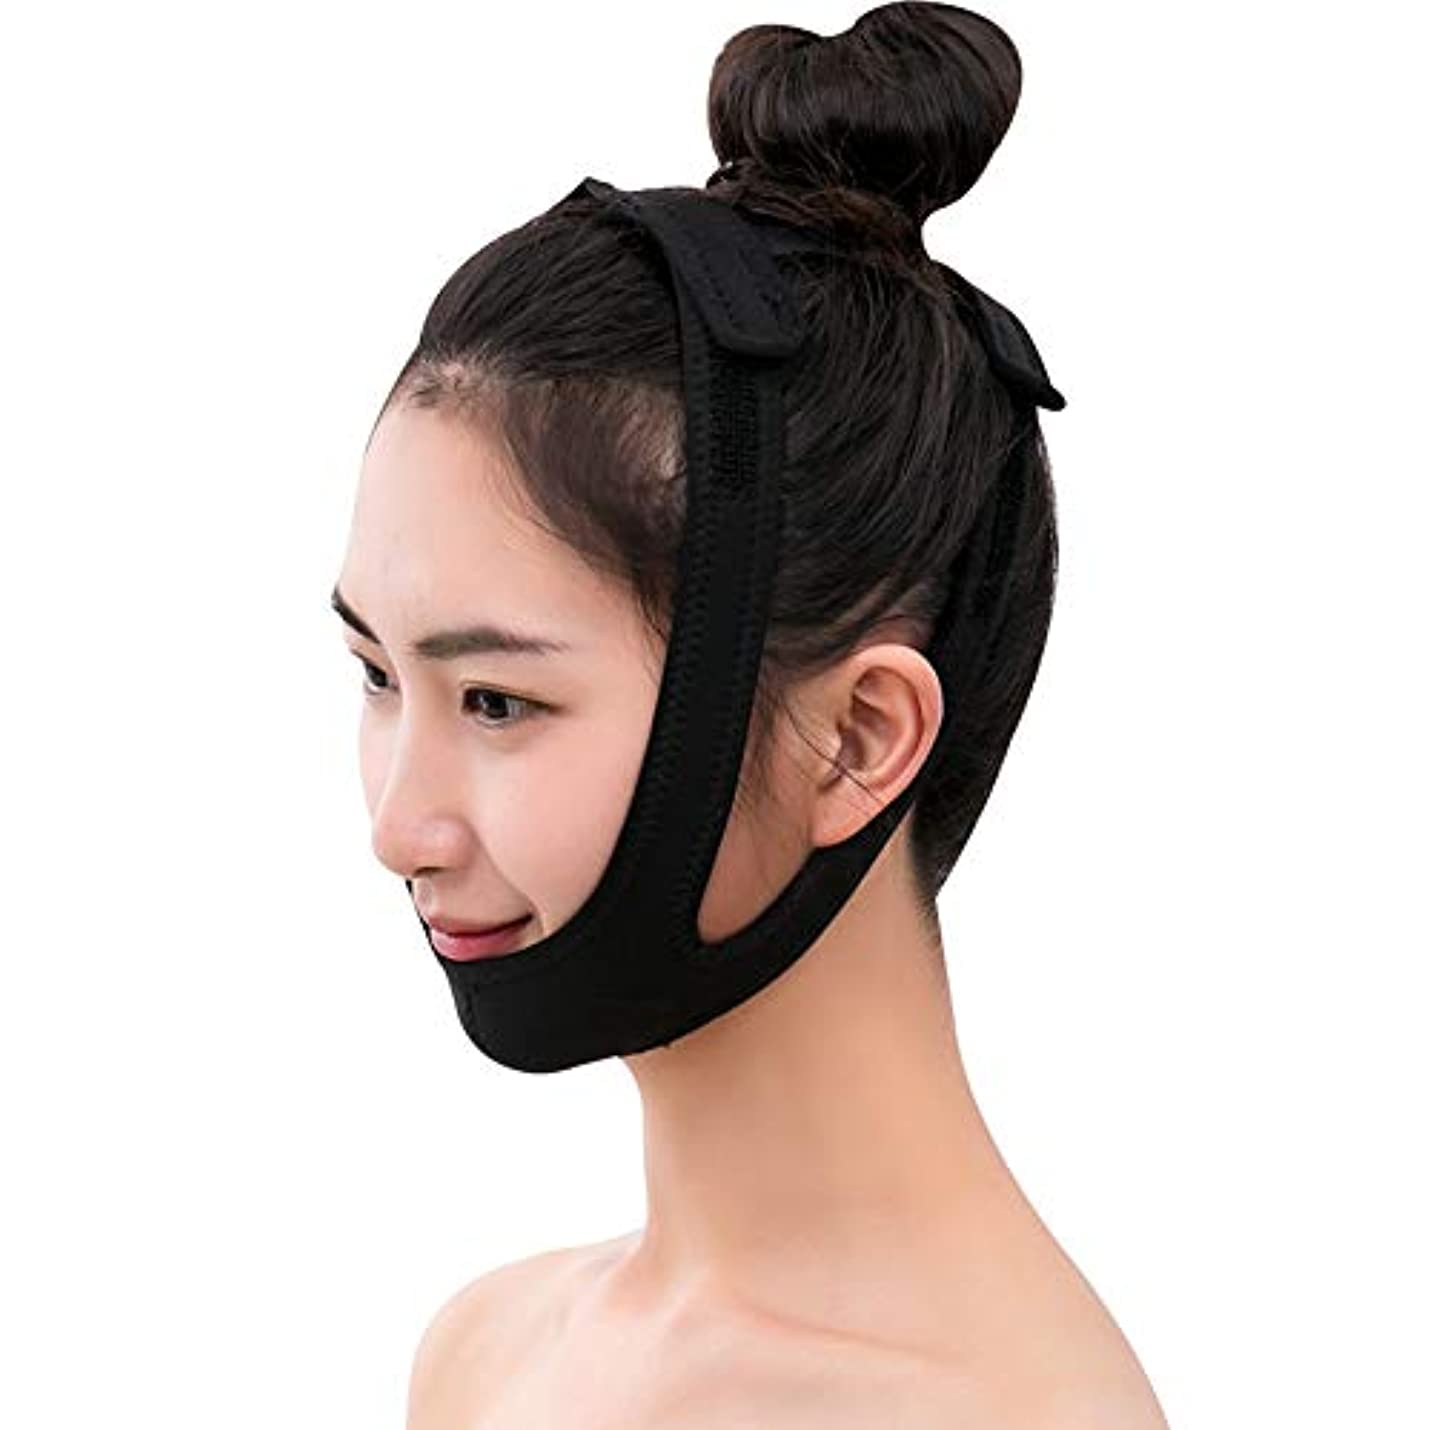 プーノファウルジョージスティーブンソン薄いフェイスバンド - 薄い顔の包帯ビューティーインストゥルメントフェイシャルリフト睡眠マスク法Vフェイスマスクの通気性を作る 美しさ